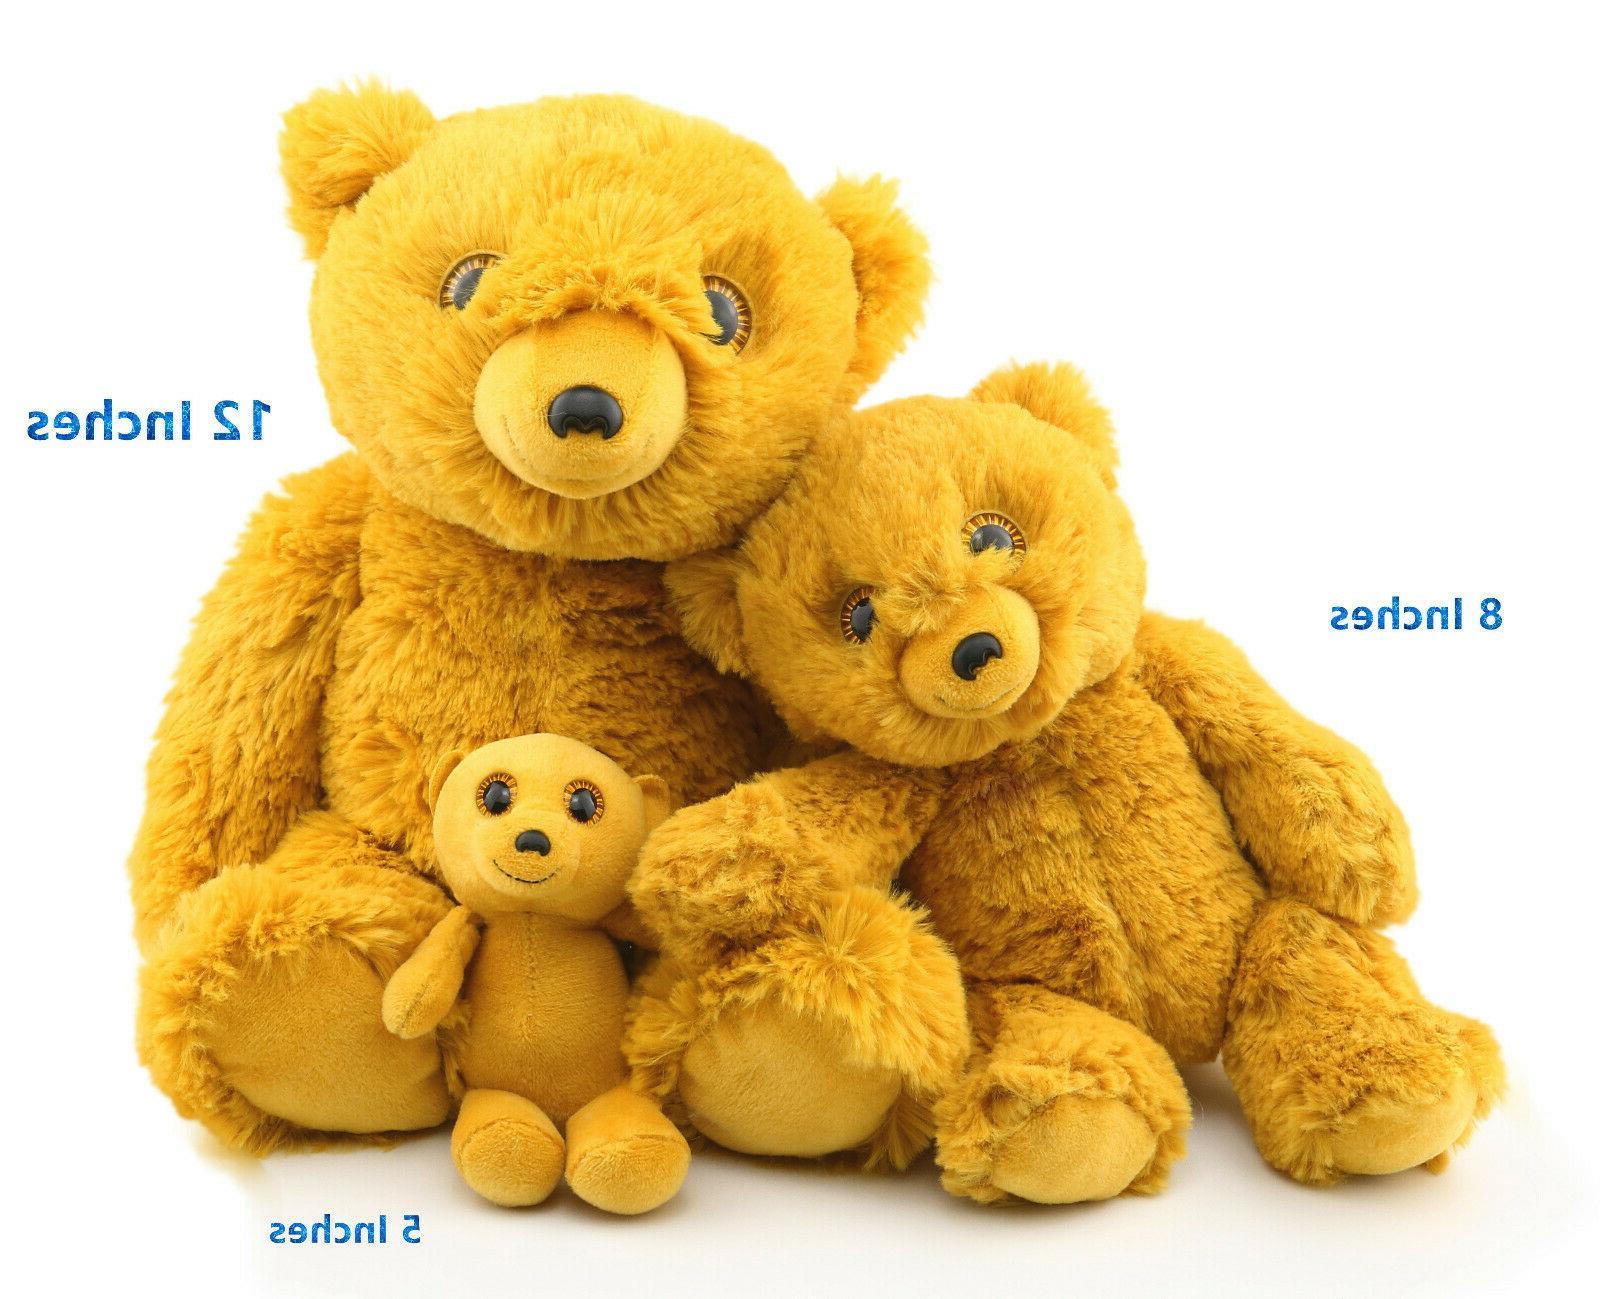 Plush Toy - By BEAR